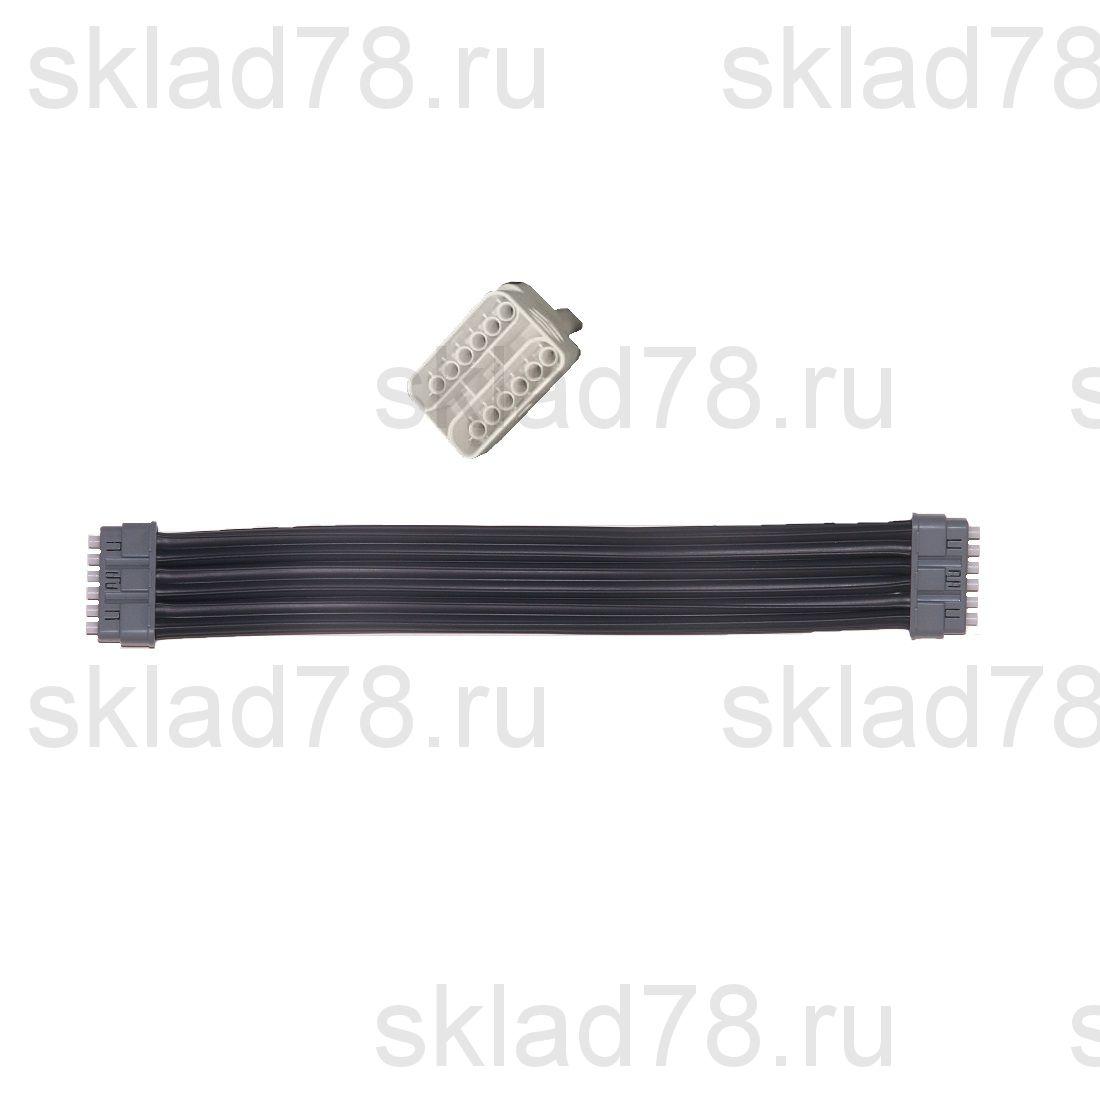 Соединители для подключения нескольких манжет прессотерапии MARK400 (MK400)